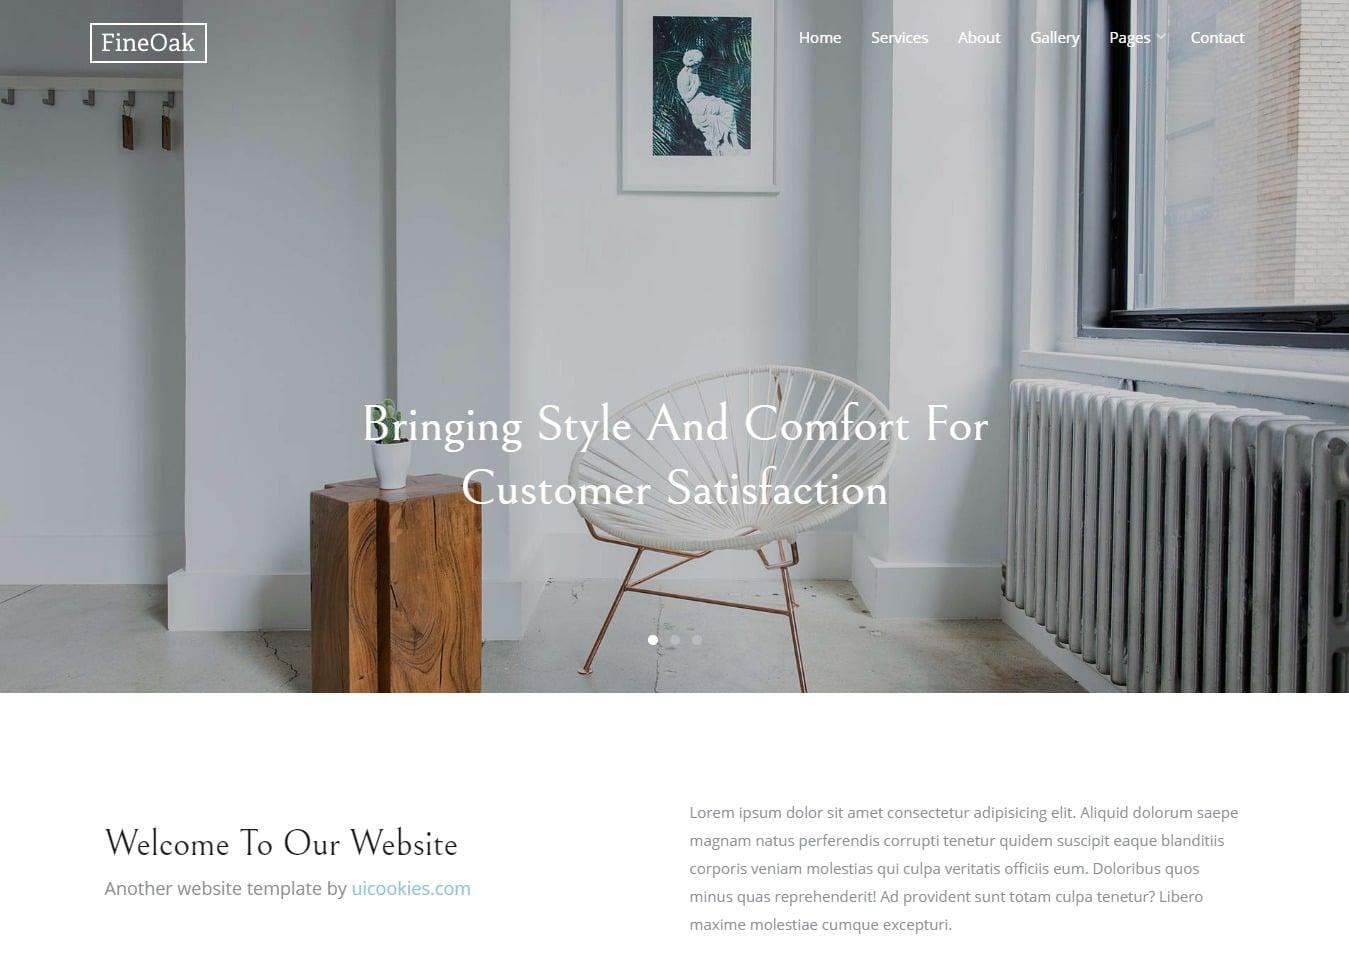 fineoak-shop-website-template